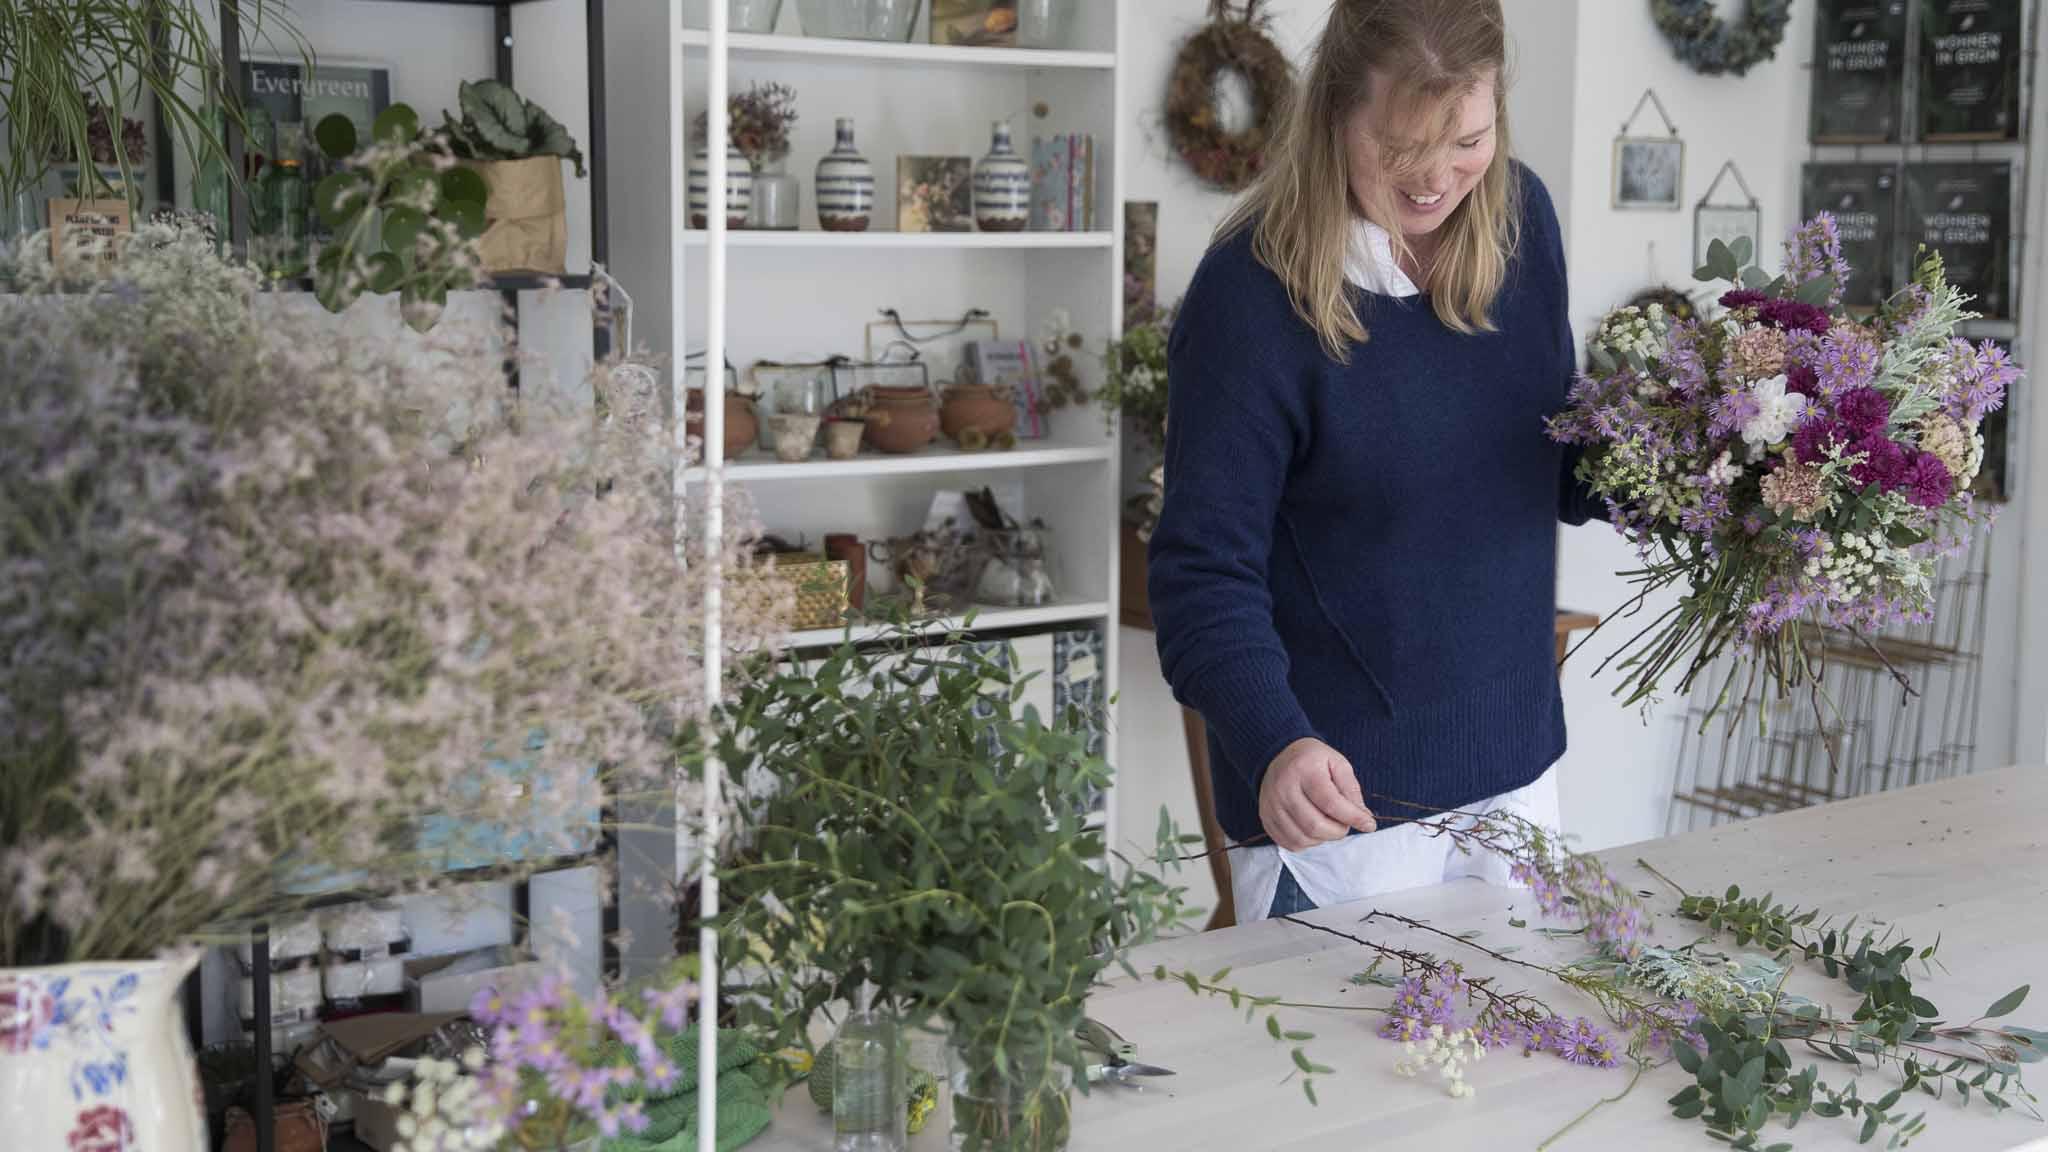 Teamevent-Blumen binden Bild5